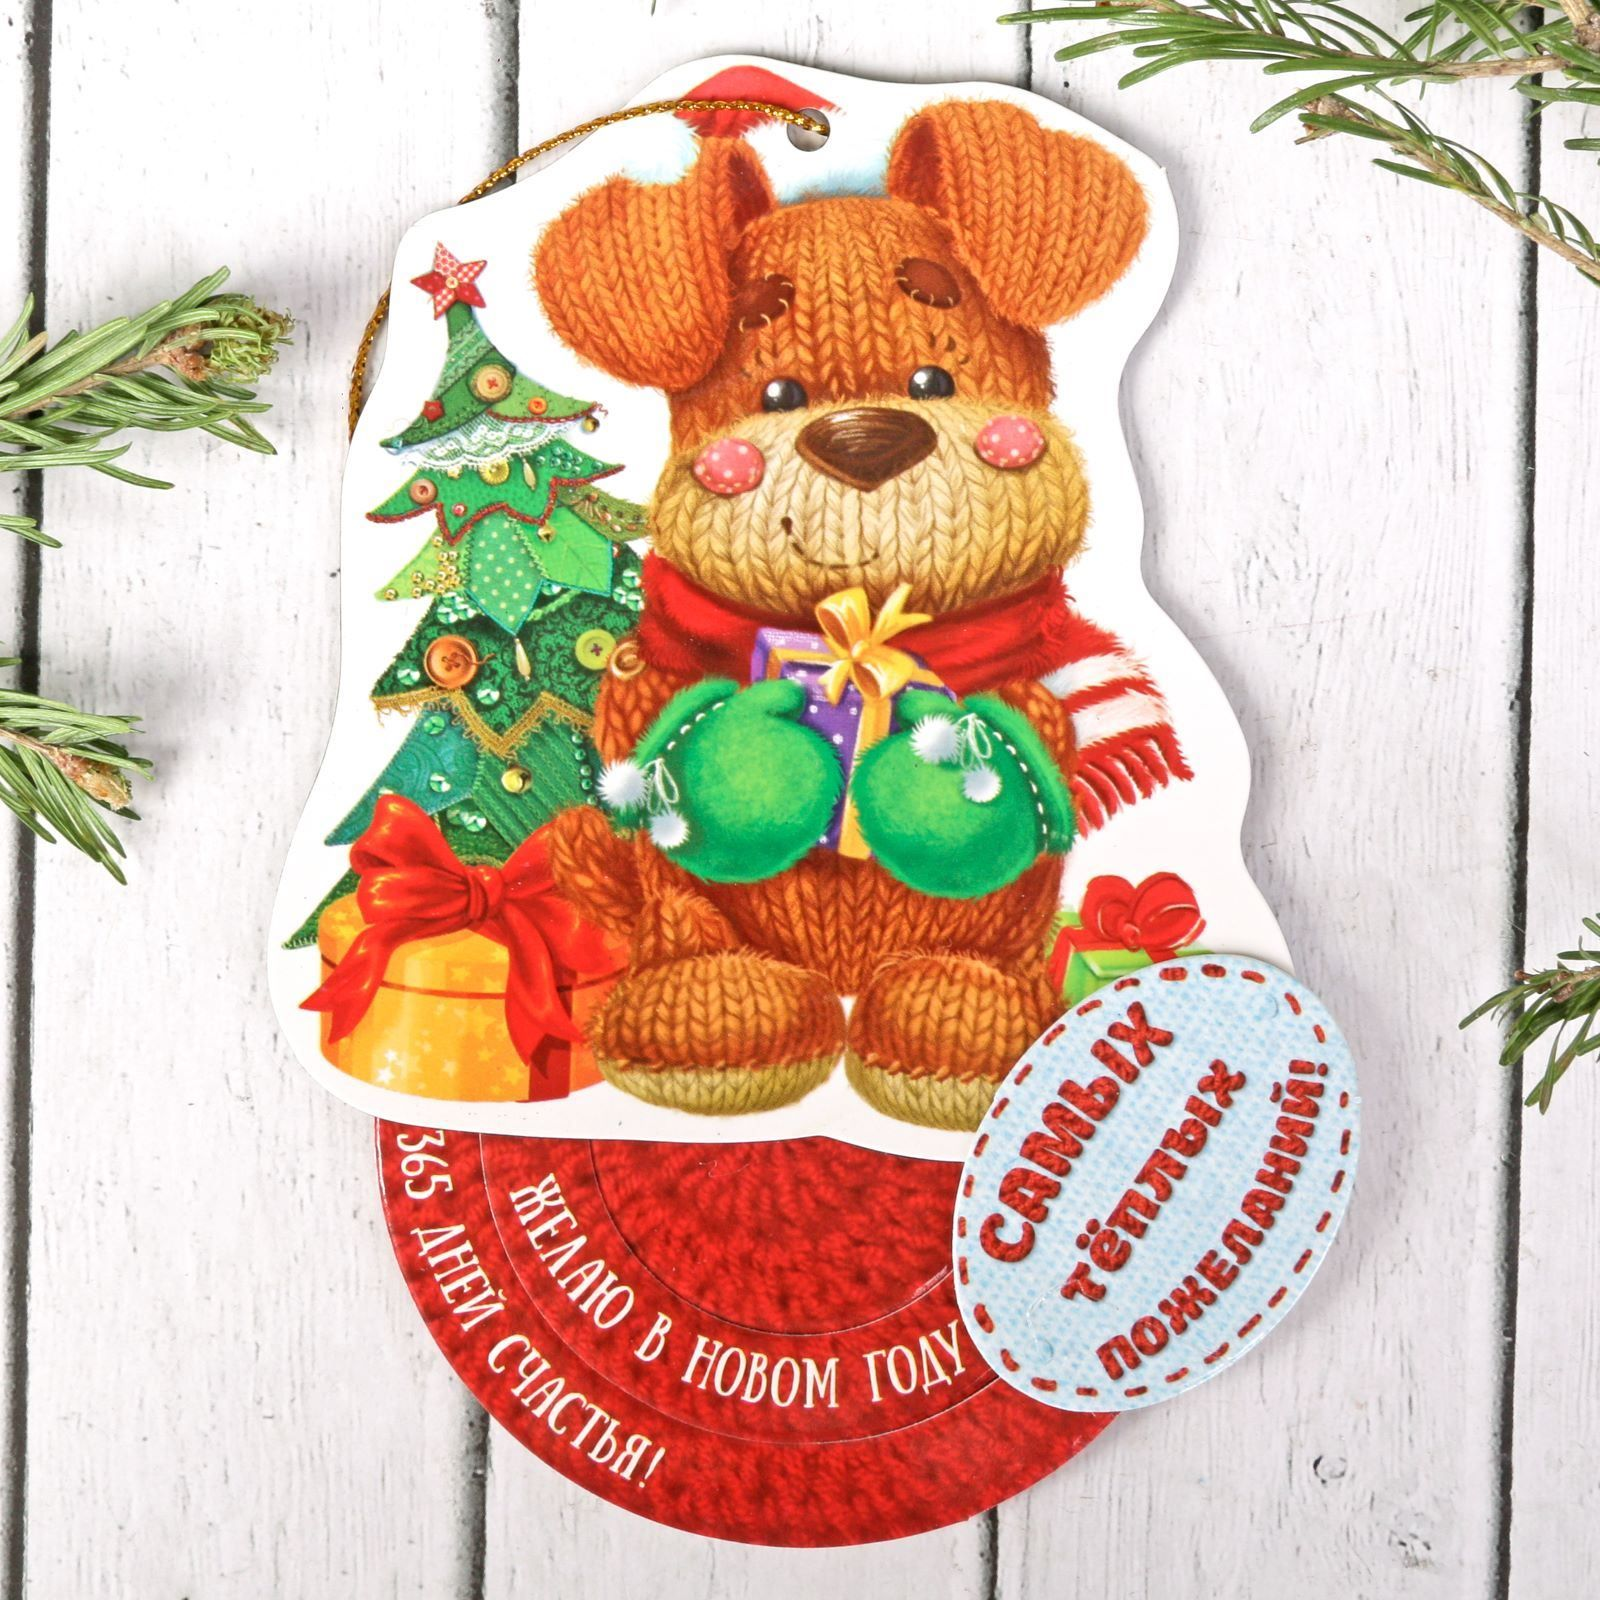 Магнит Sima-land 365 дней счастья, со спиралью, 10 х 9,5 см1894082Порадуйте родных и близких оригинальным сувениром: преподнесите в подарок магнит. С ним даже самый серьёзный человек почувствует себя ребёнком, ожидающим чудо! Создайте праздничное настроение, и оно останется с вами на весь год.